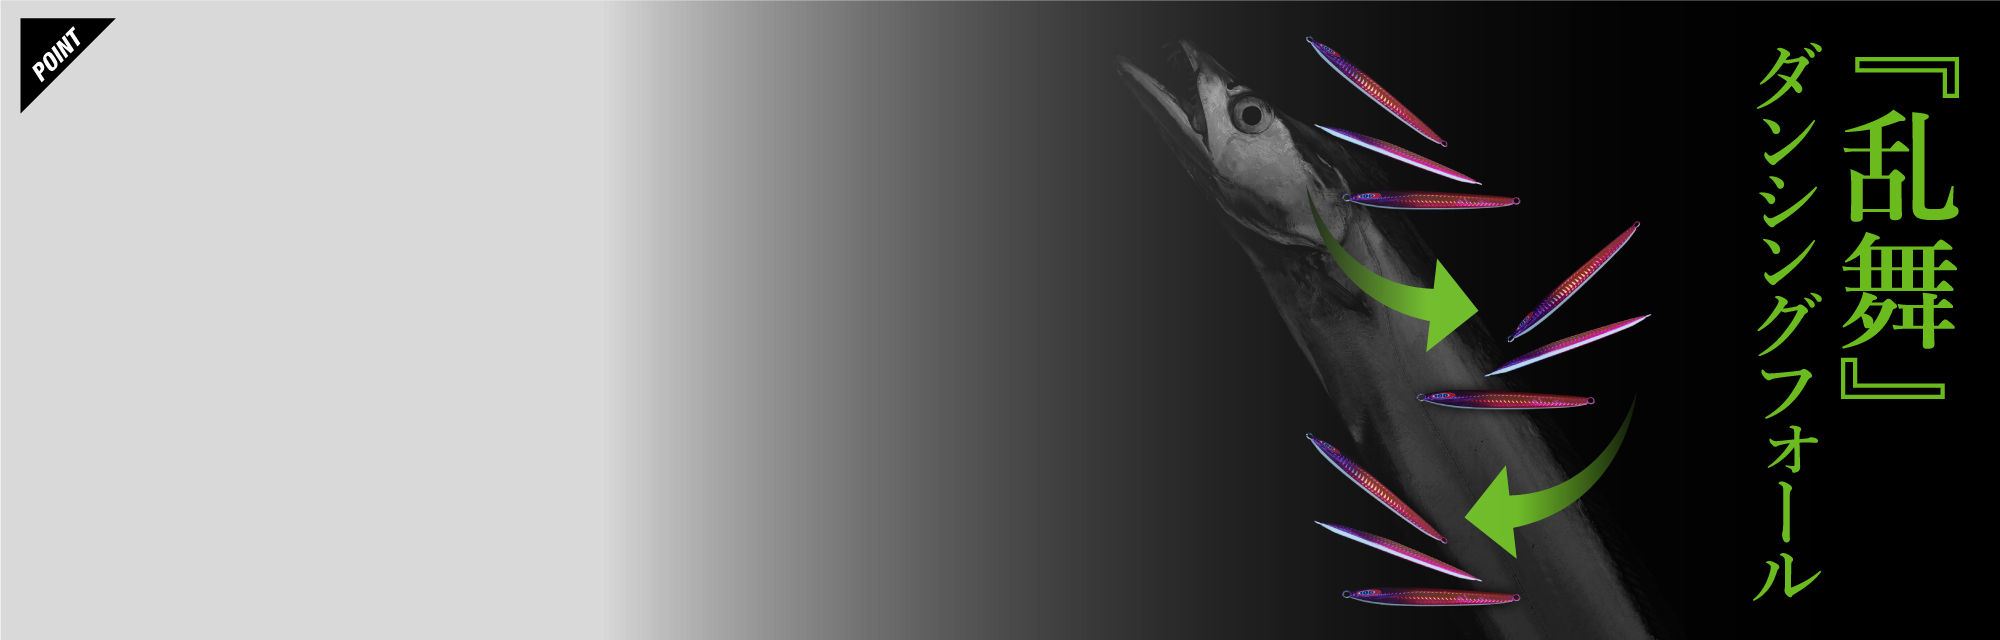 アンチョビメタル タイプツー 【2021 NEW COLOR】ANCHOVYMETAL  TYPE-Ⅱ / アンチョビメタル TYPE-Ⅱ